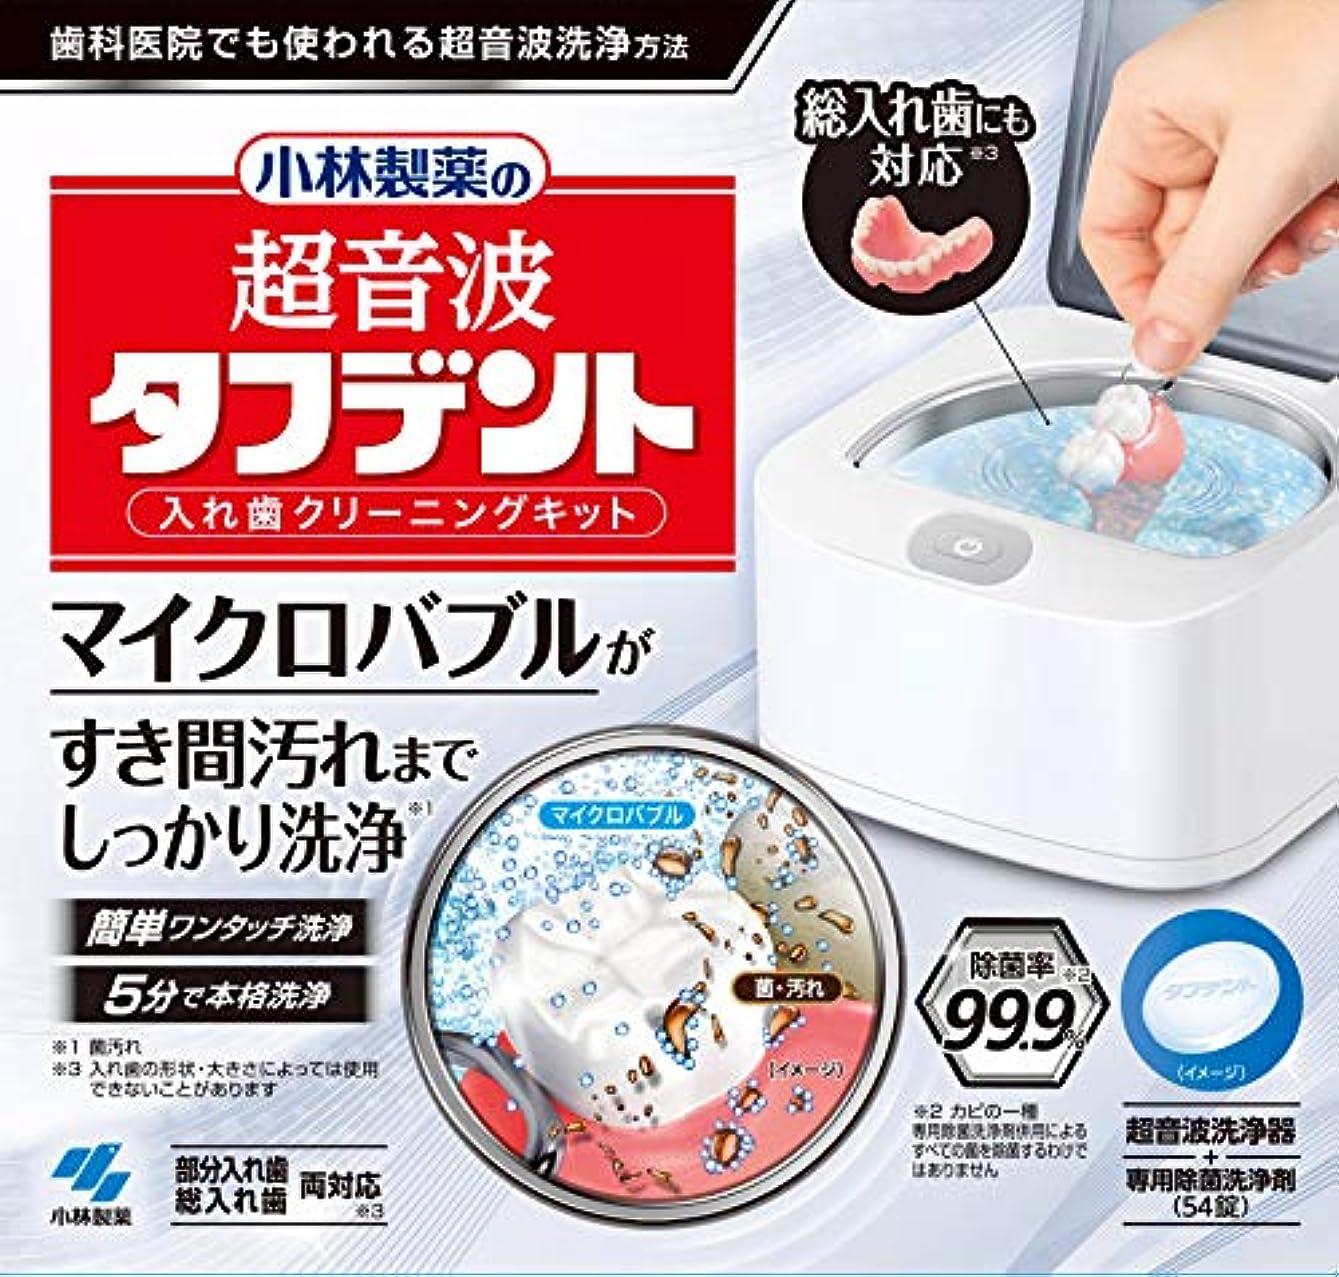 潮オプショナル拘束小林製薬 義歯洗浄剤 超音波タフデント入れ歯クリーニングキット(メガネクリーナー付)